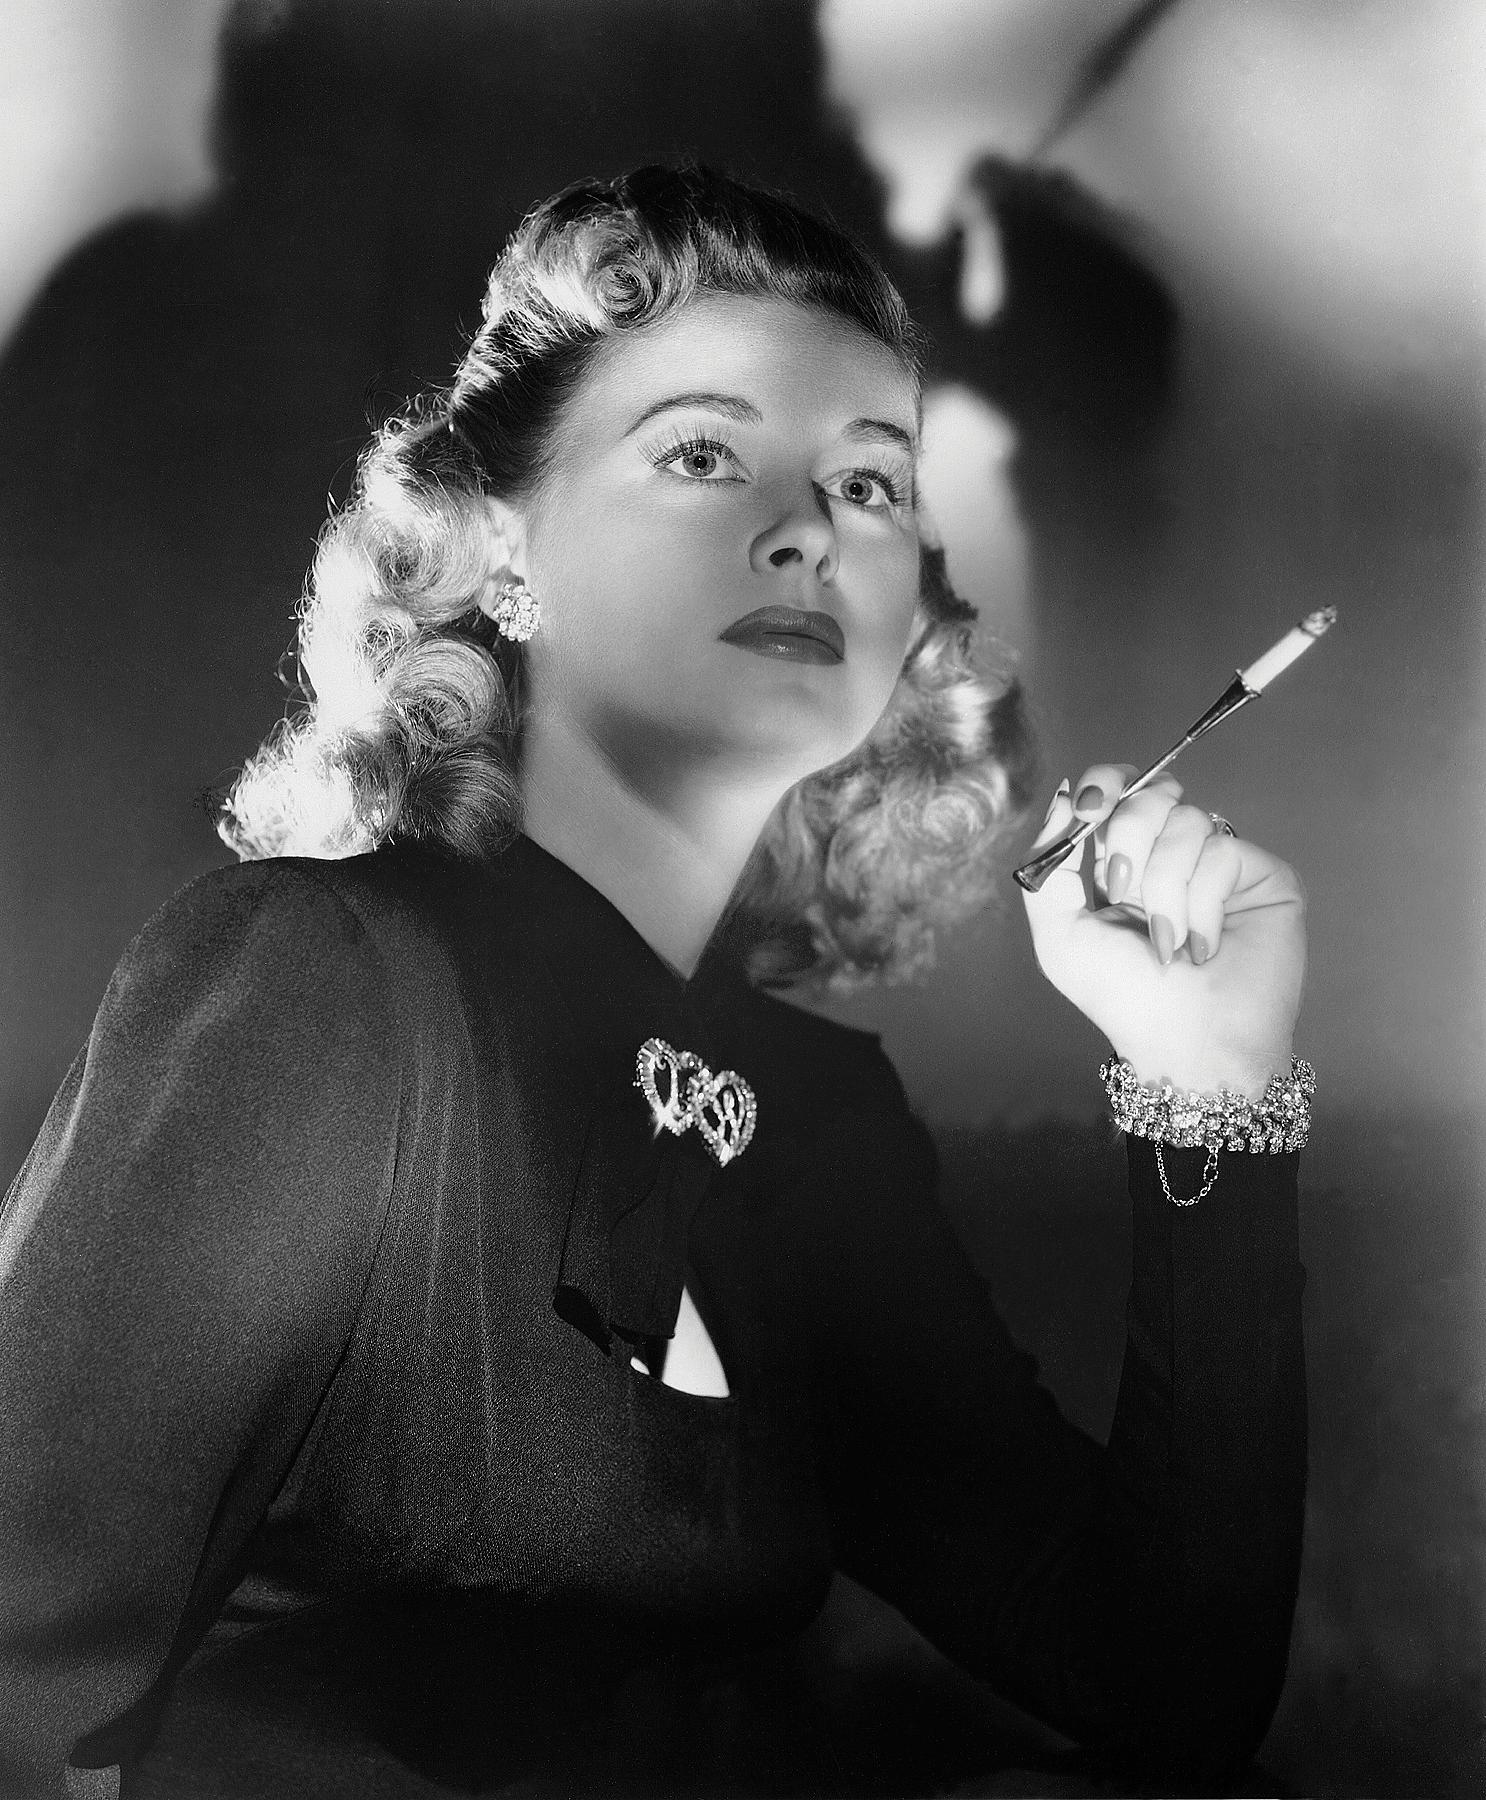 Film-Helen_Walker_in_Impact_1949-(publicity_still).png